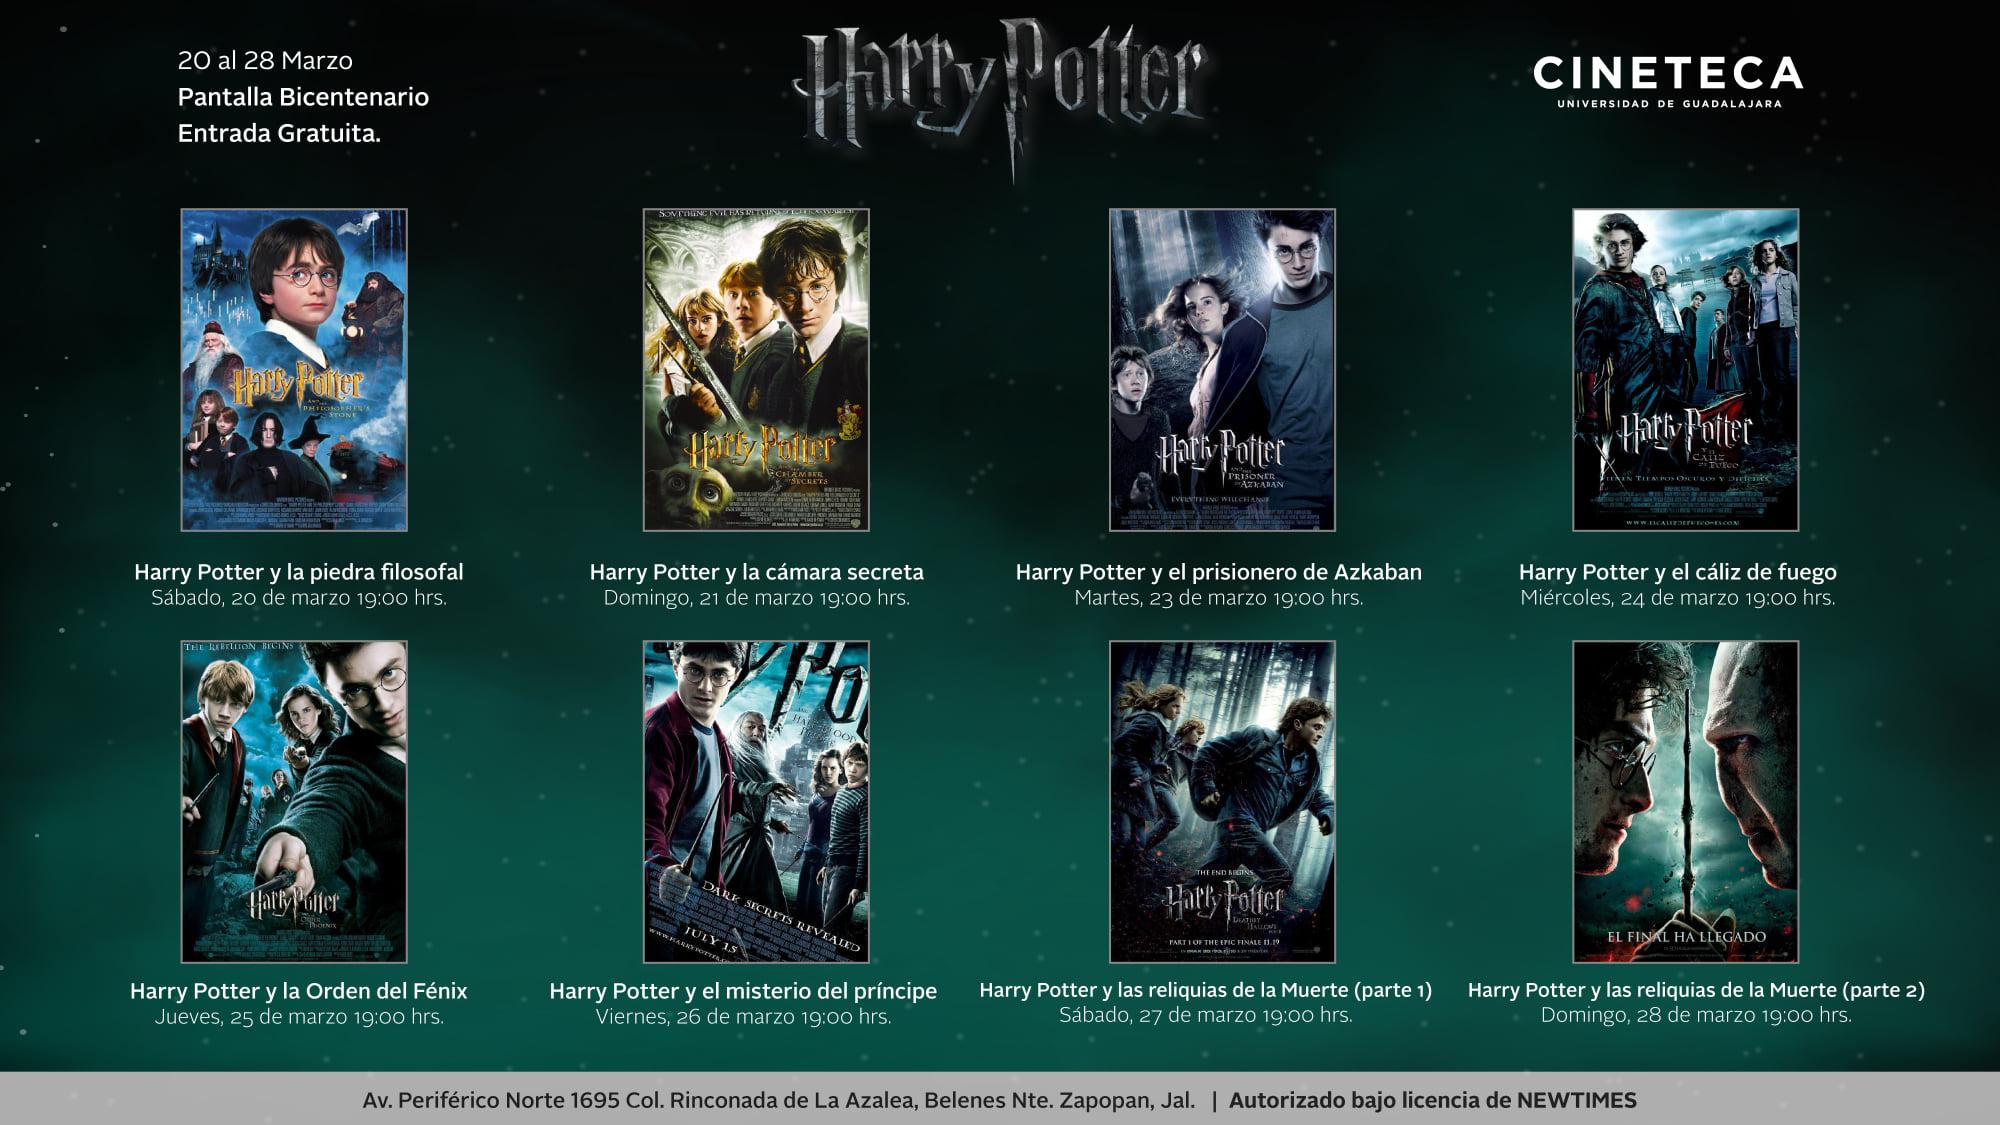 Harry Potter en Cineteca FICG